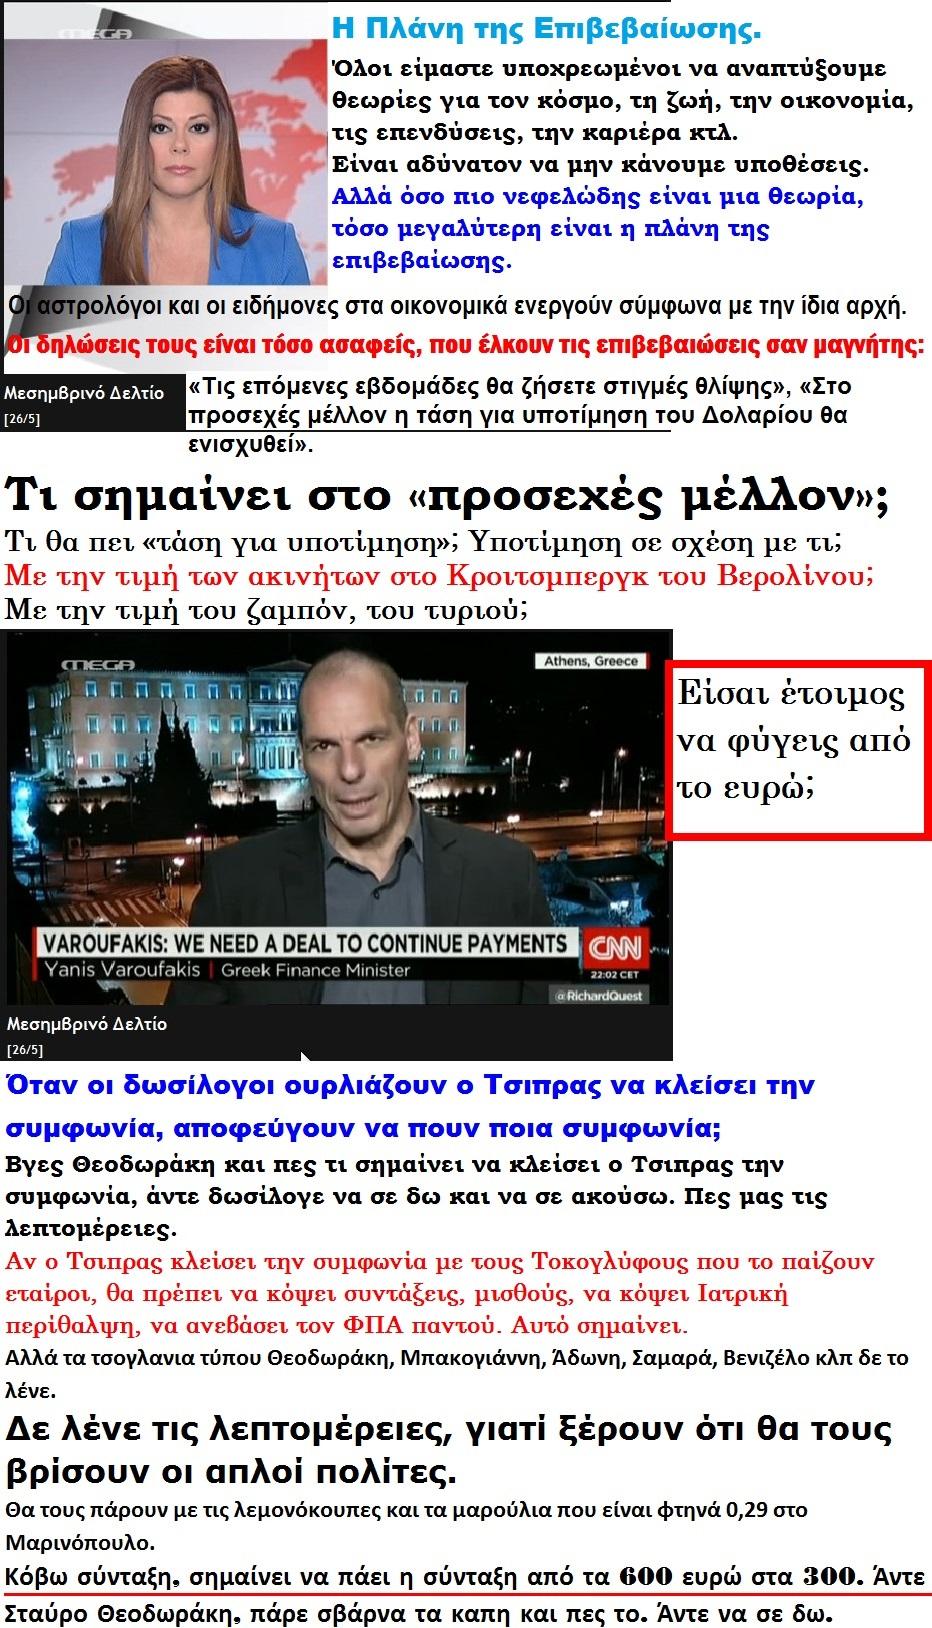 ELLADA VAROUFAKIS IMF JUNE MISTHOI SYNTAKSEIS EUROZONE EUROGROUPE CNN 01 270515